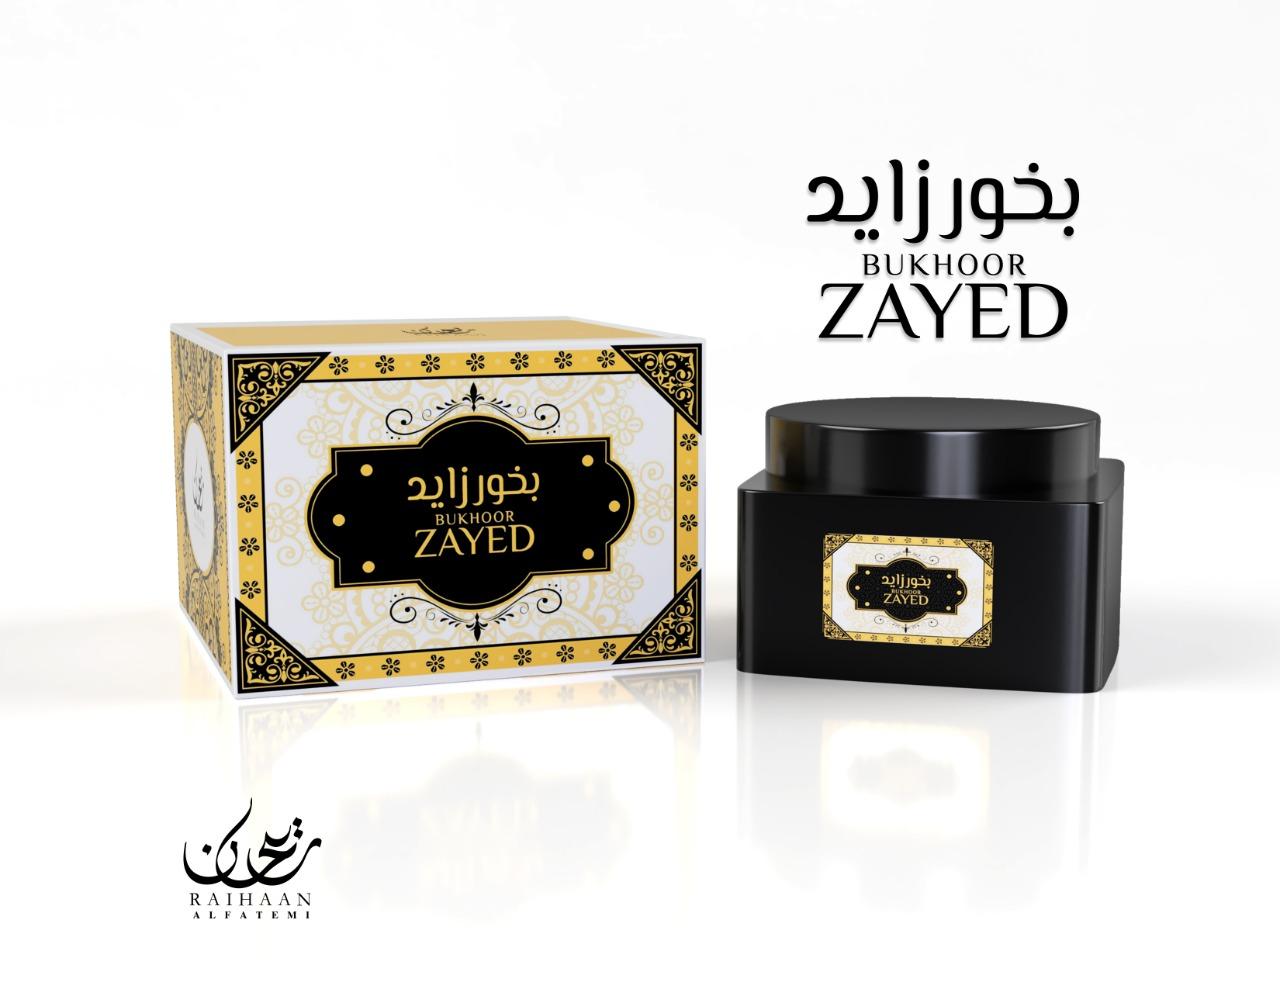 Bukhoor Zayed - Raihaan fabriqué à partir de copeaux de bois d'agar naturel et imbibé d'huiles parfumées odorantes.Contenance: 70gr.